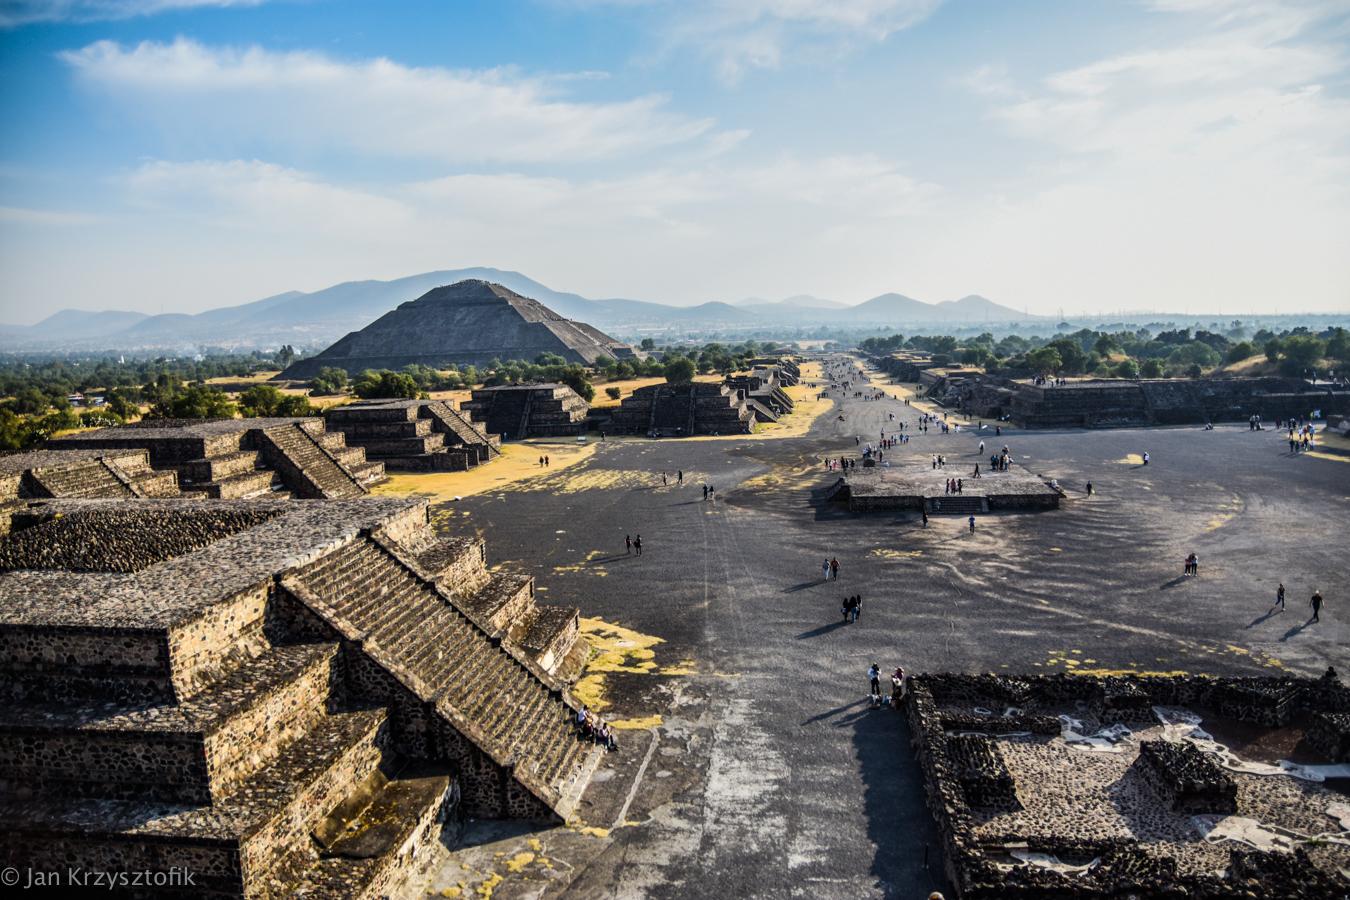 Piramidy 16 of 18 Piramidy Tenochtitlán Estado de México